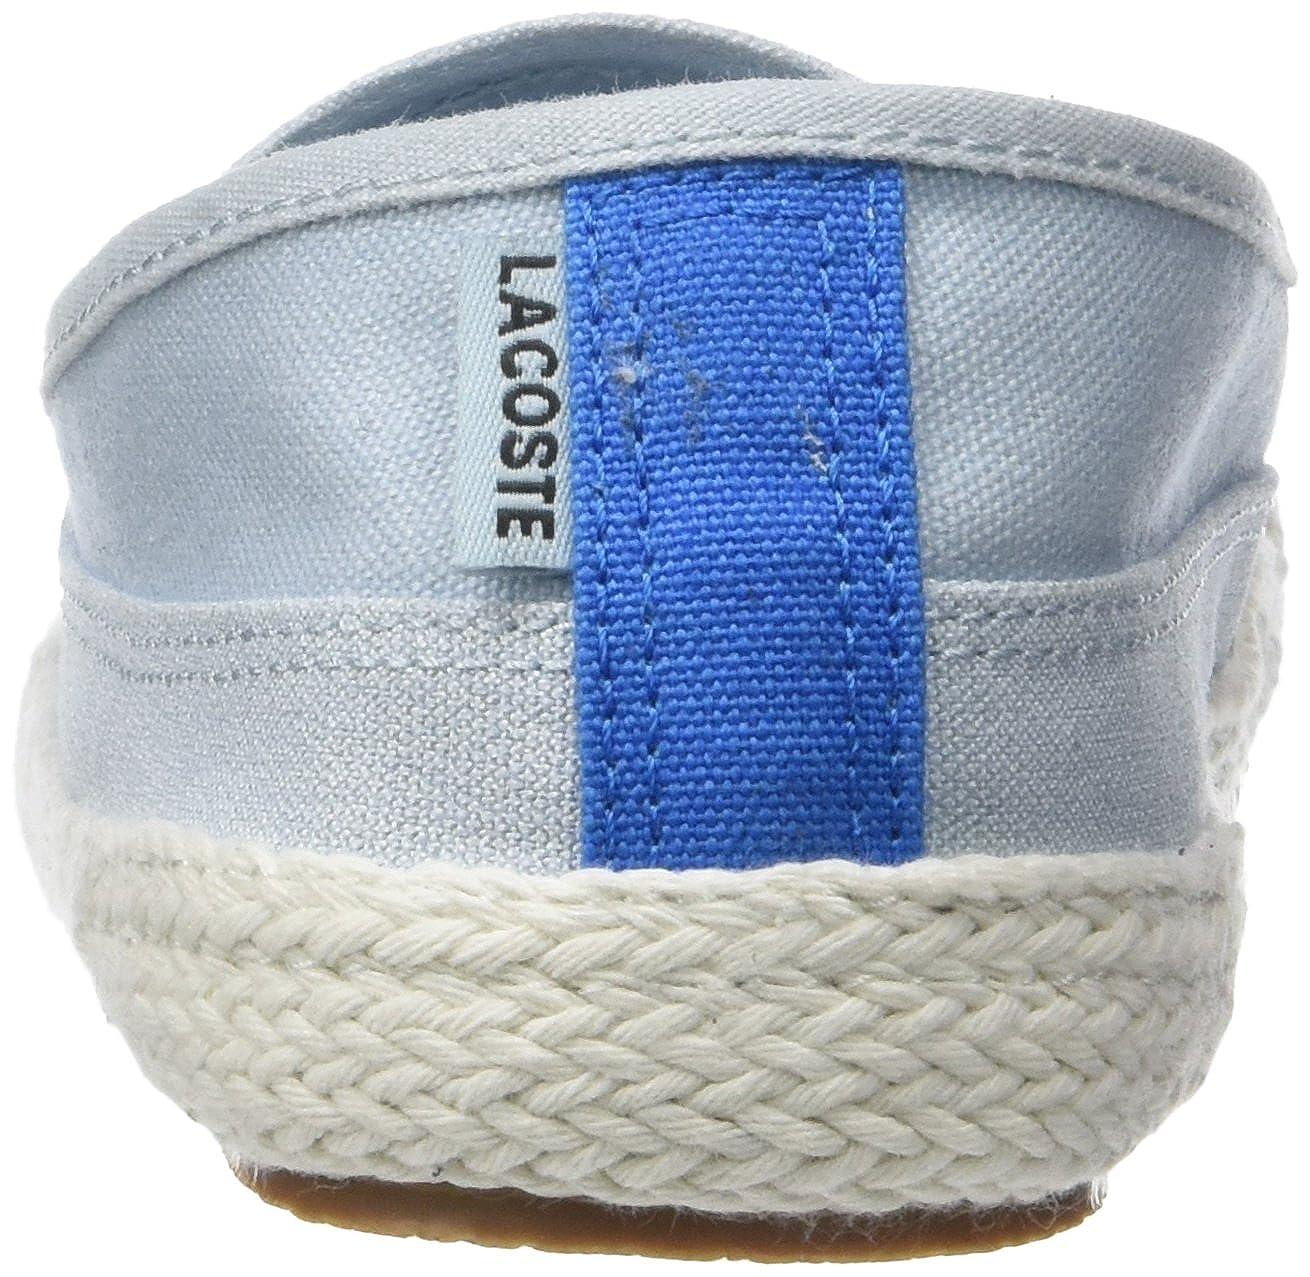 Lacoste Marice 218 1 Caw, Zapatillas para Mujer: Amazon.es: Zapatos y complementos